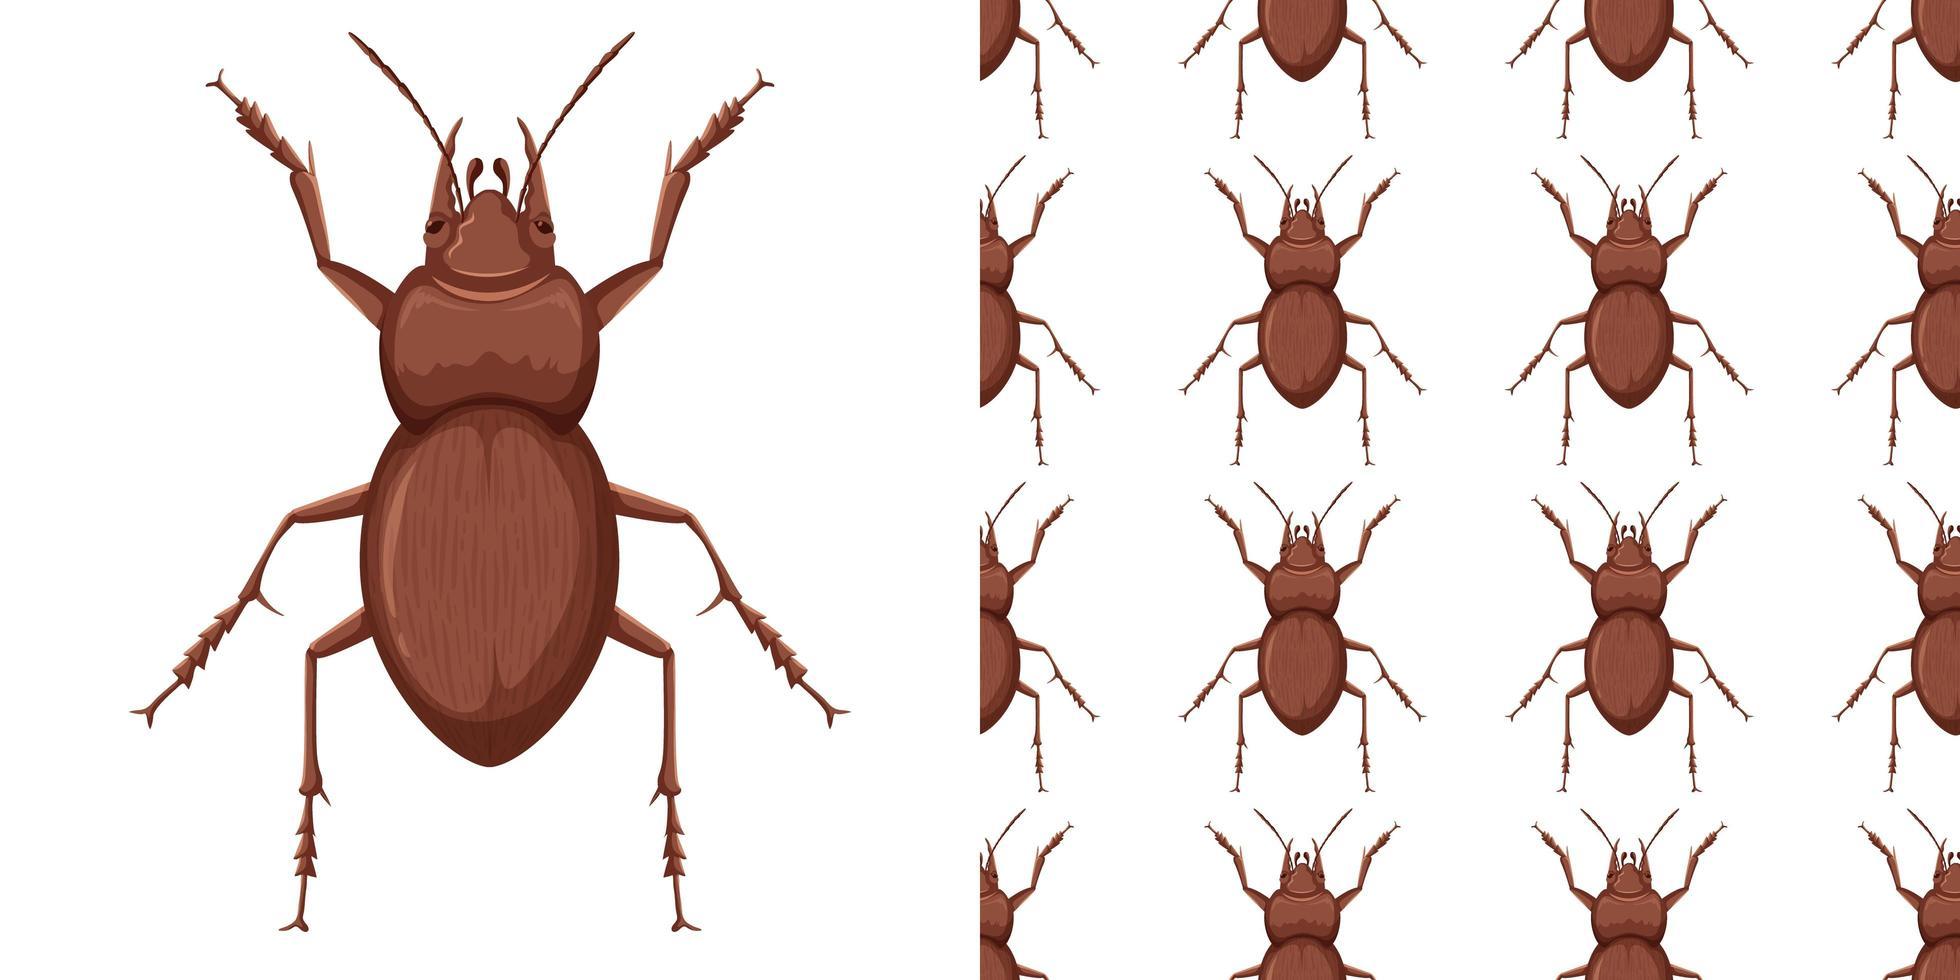 skalbagge insekt och mönster vektor